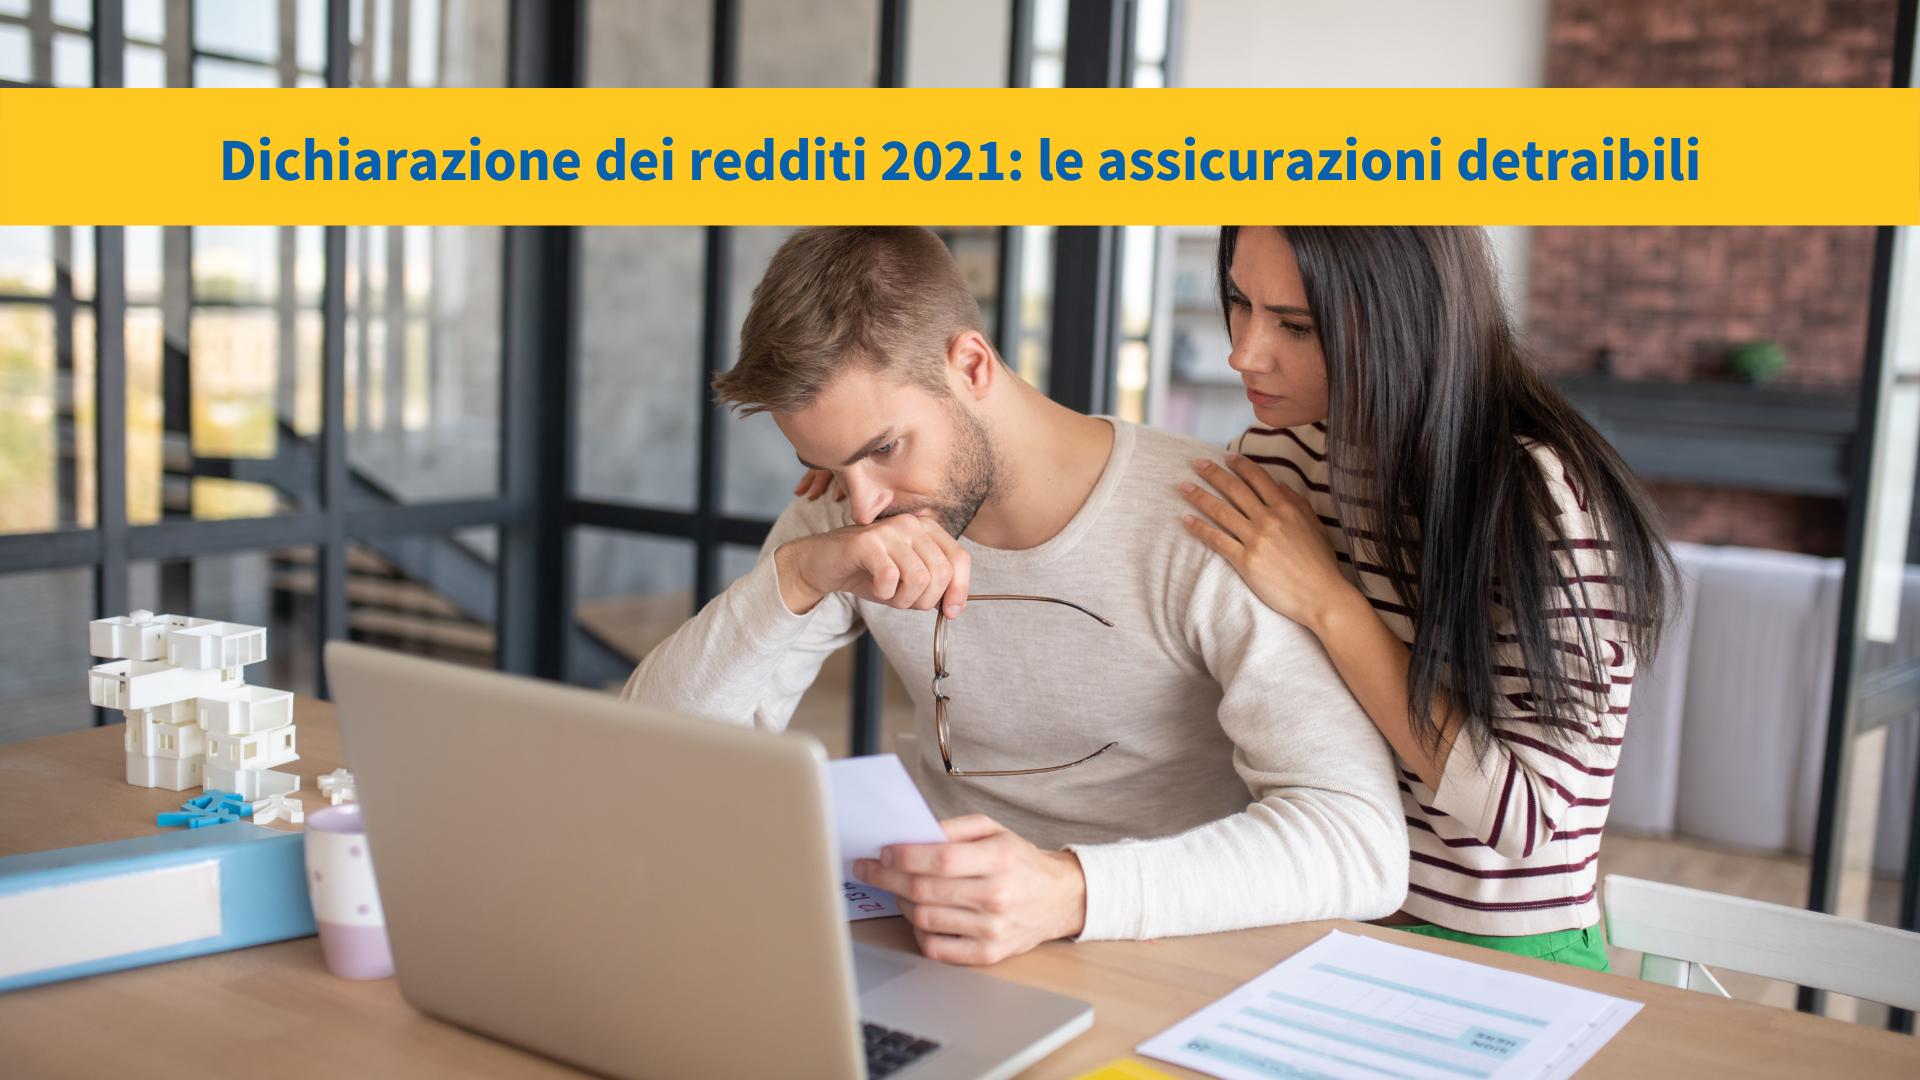 Dichiarazione dei redditi 2021: le assicurazioni detraibili